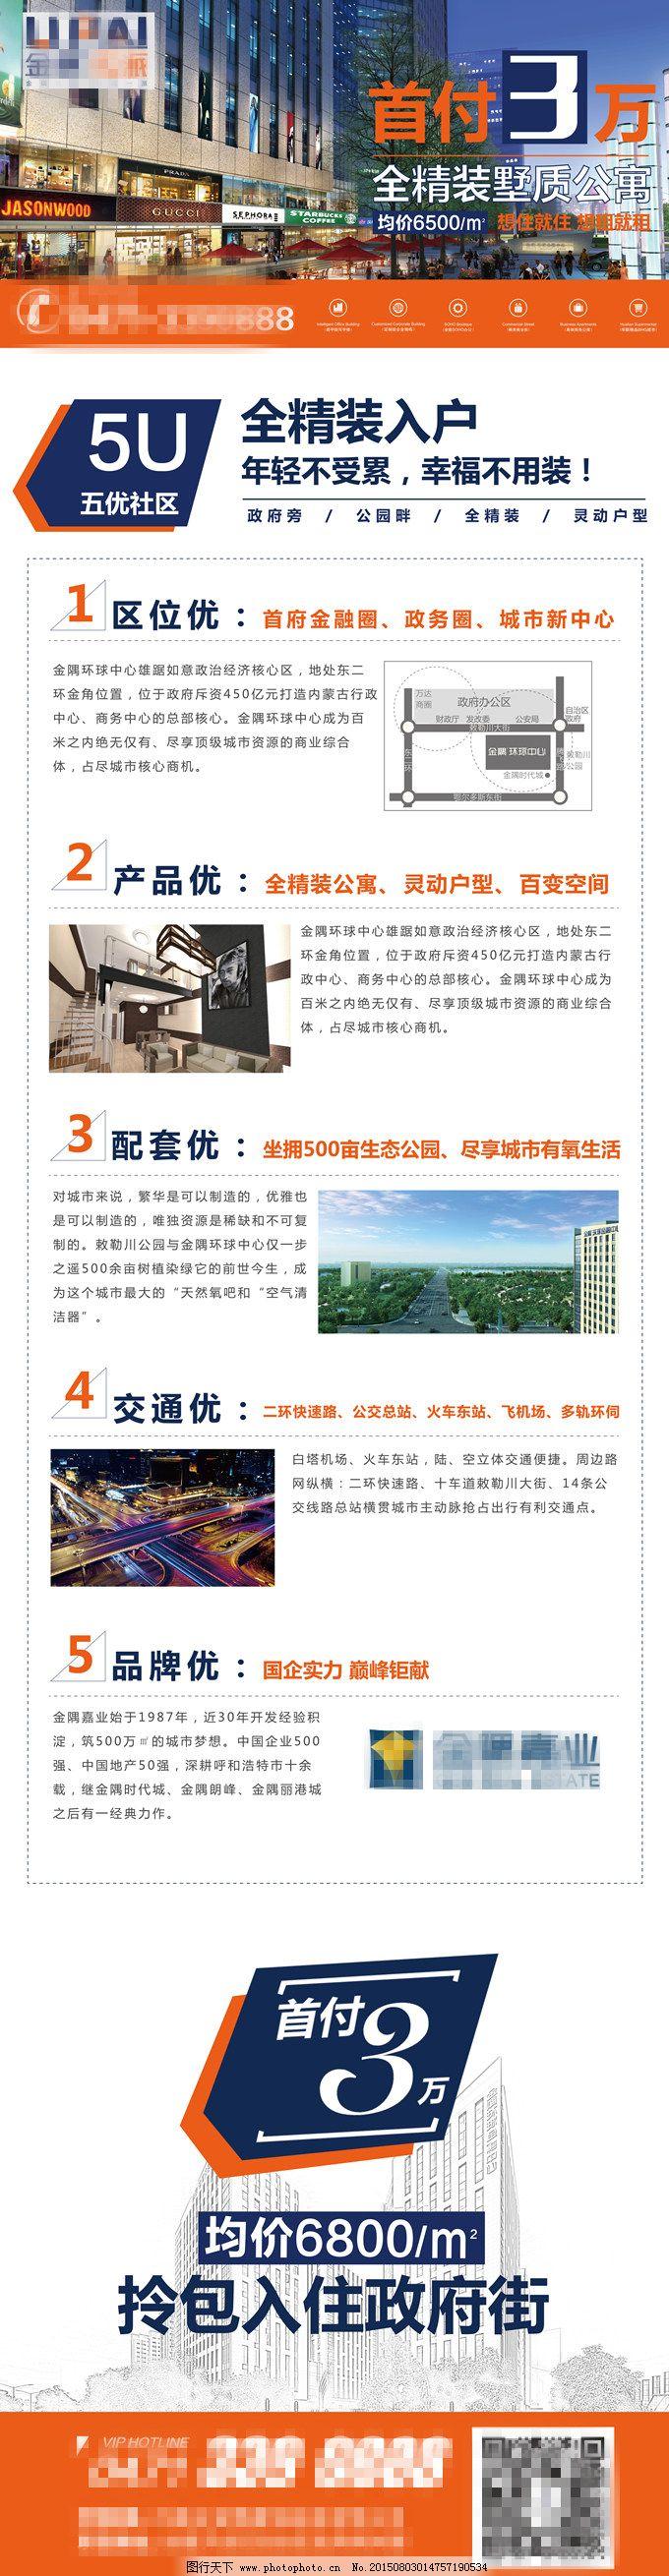 蓝色大气房地产网页拉页广告设计